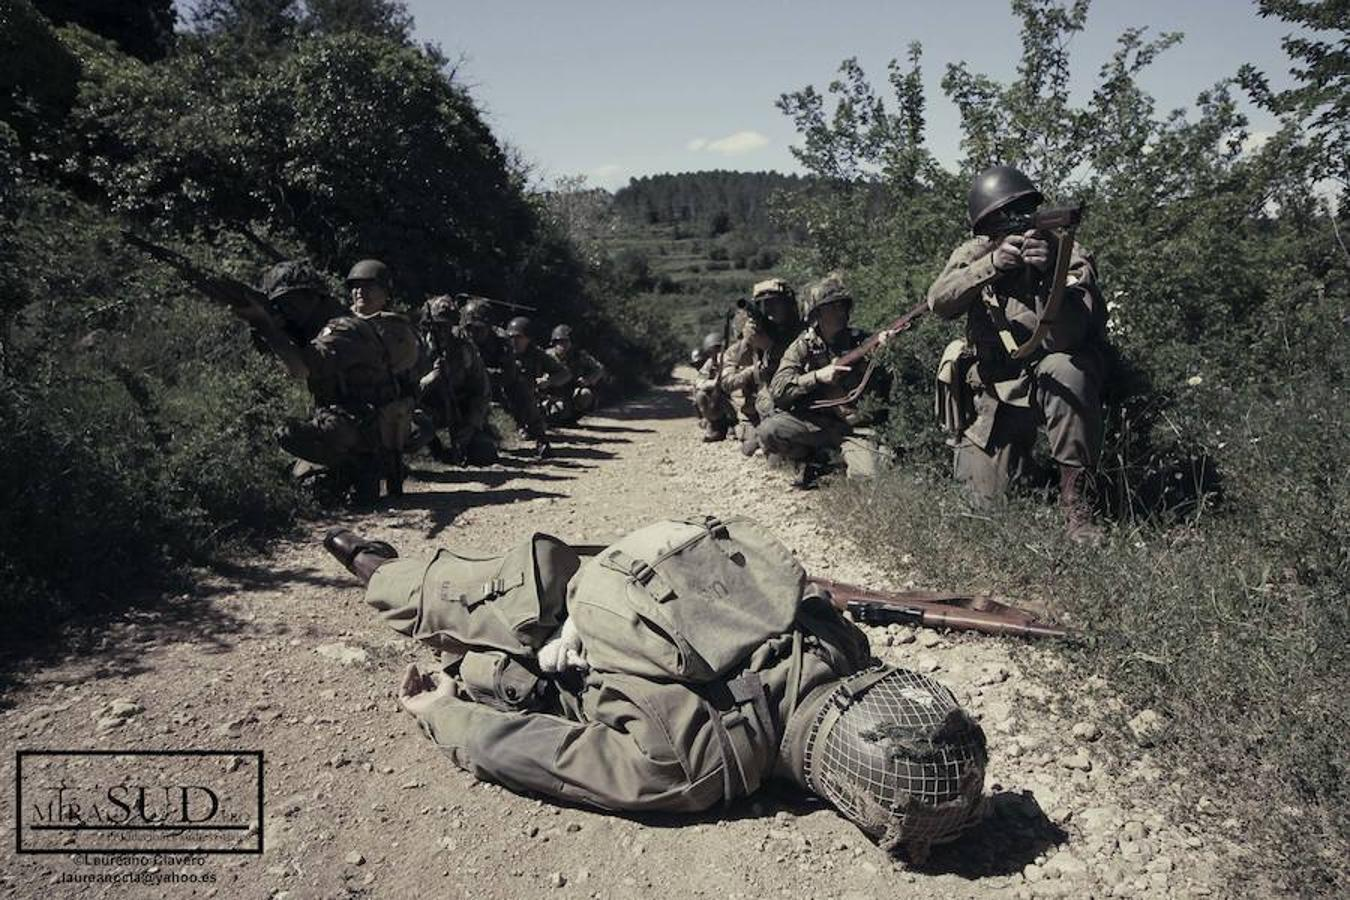 Lo hizo con una sesión de fotografías históricas que buscaban recrear la famosa batalla